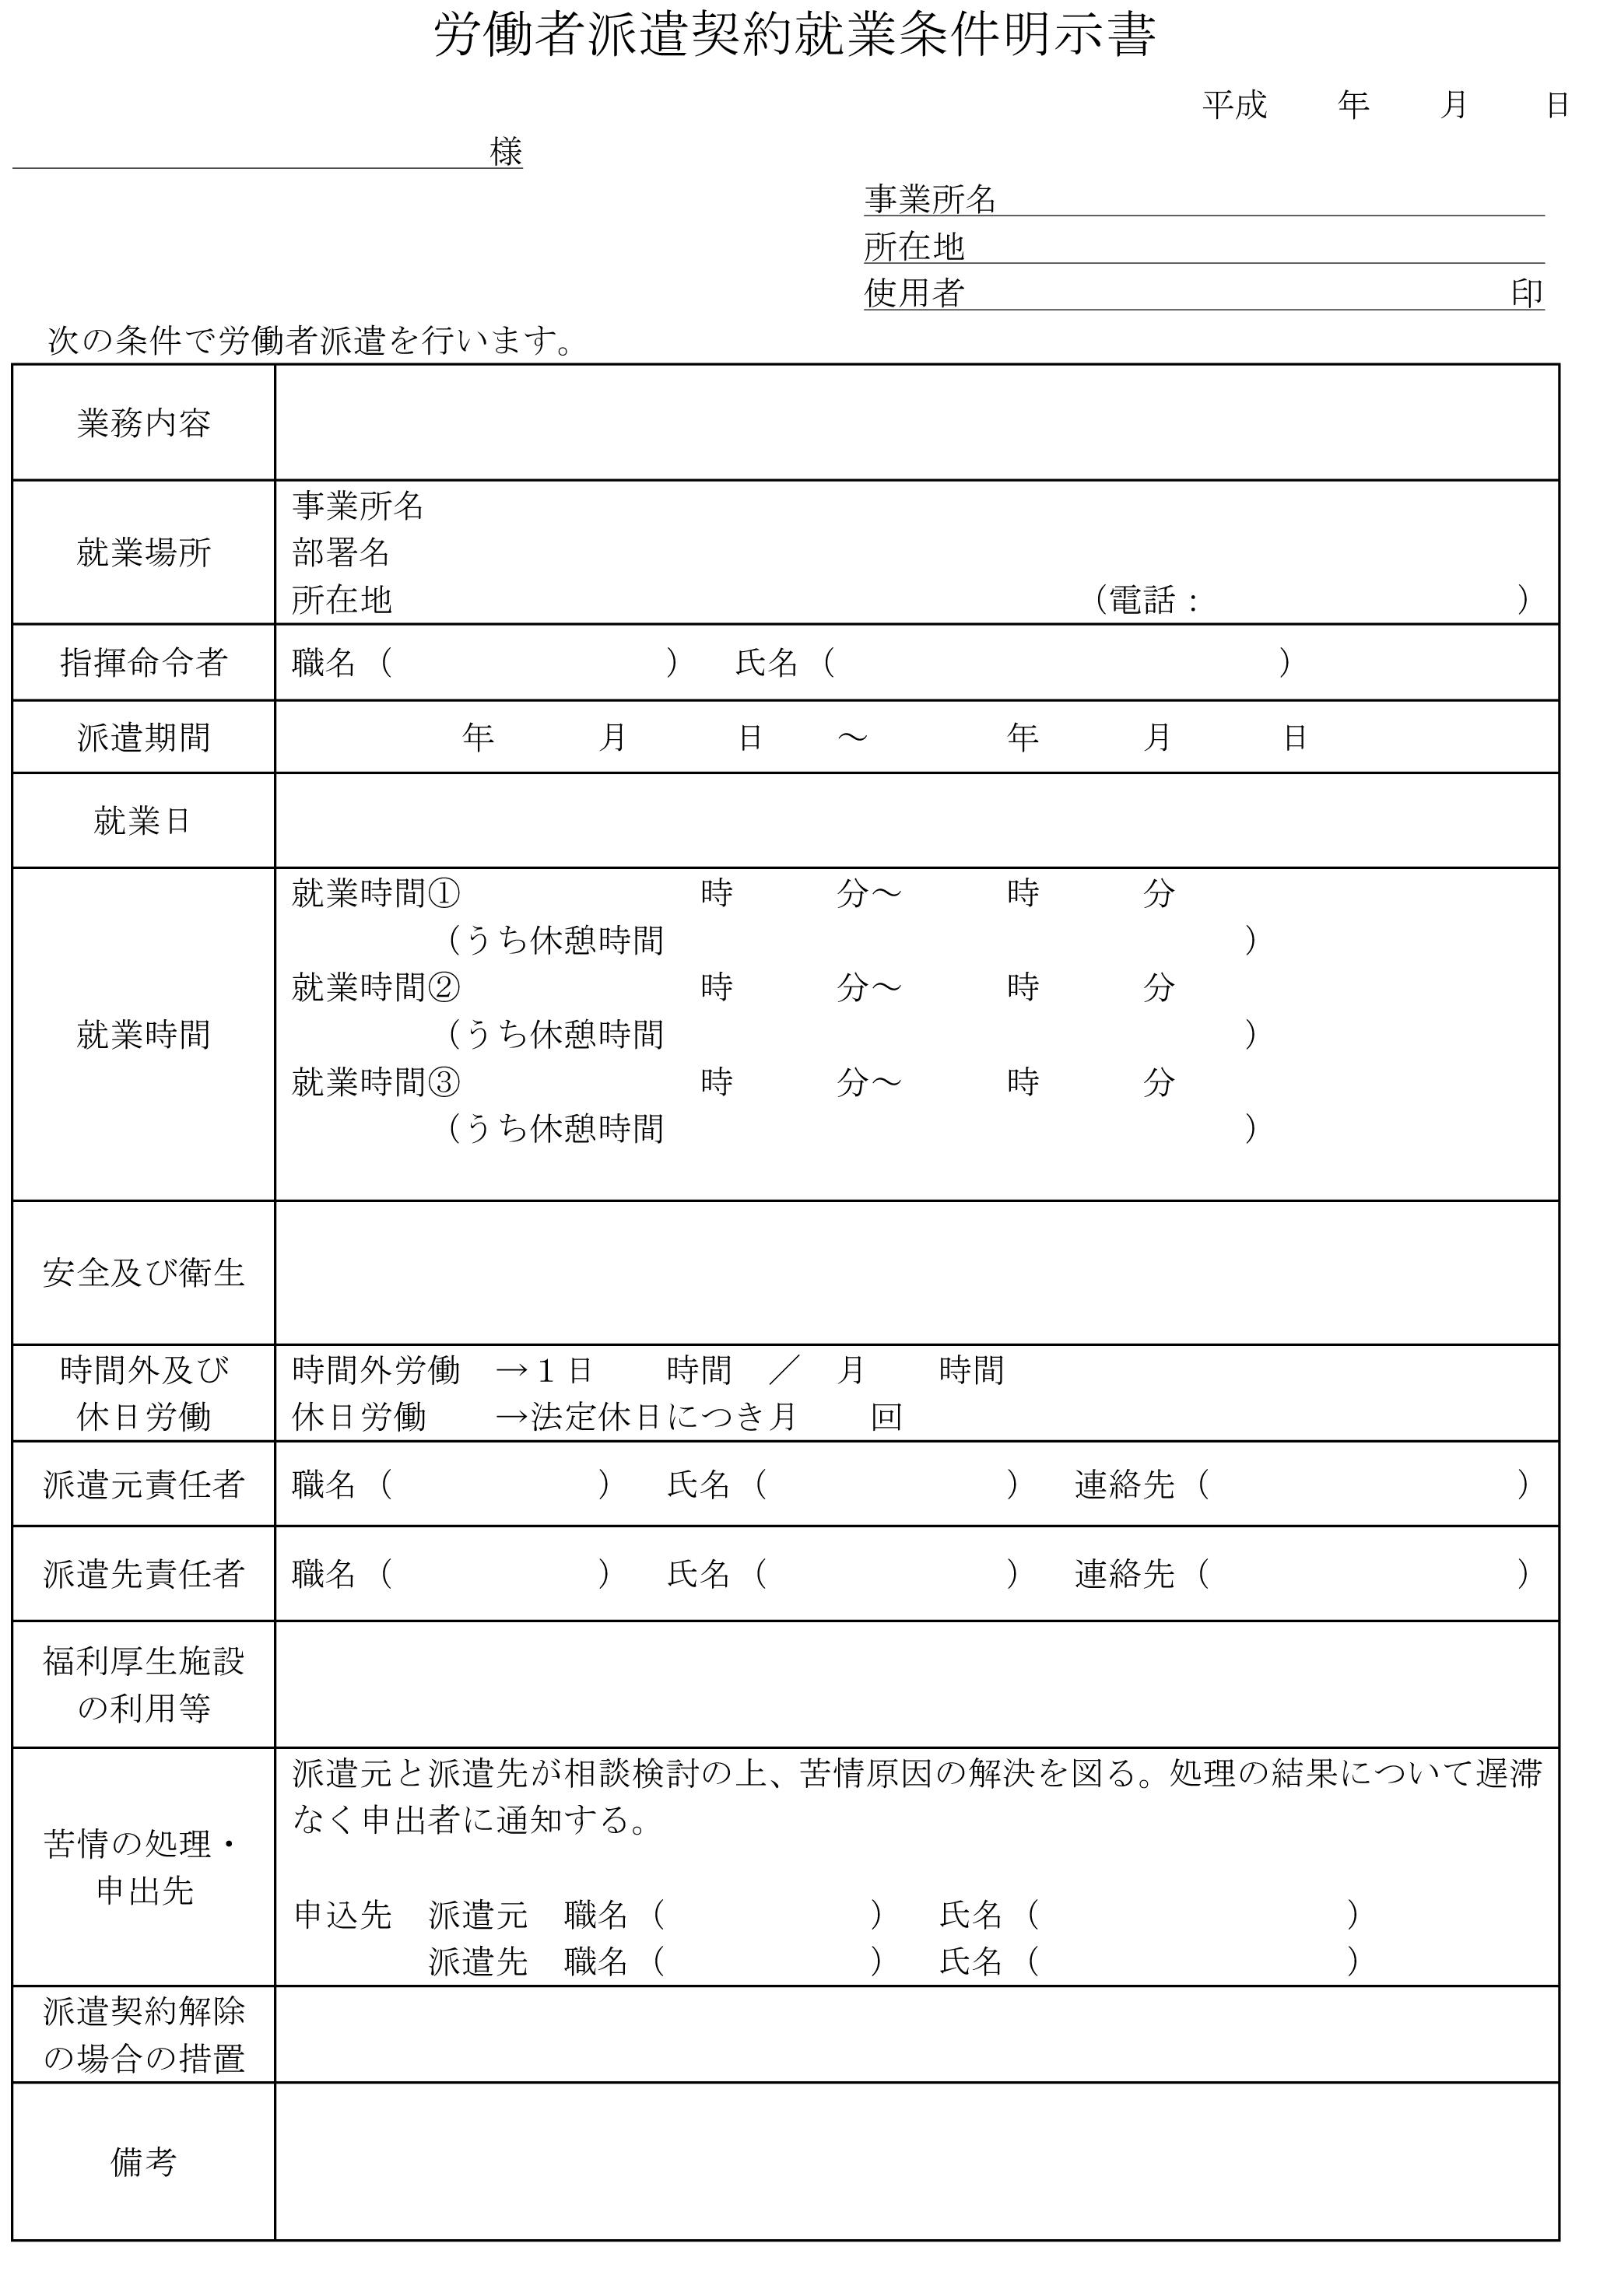 労働者派遣契約就業条件明示書